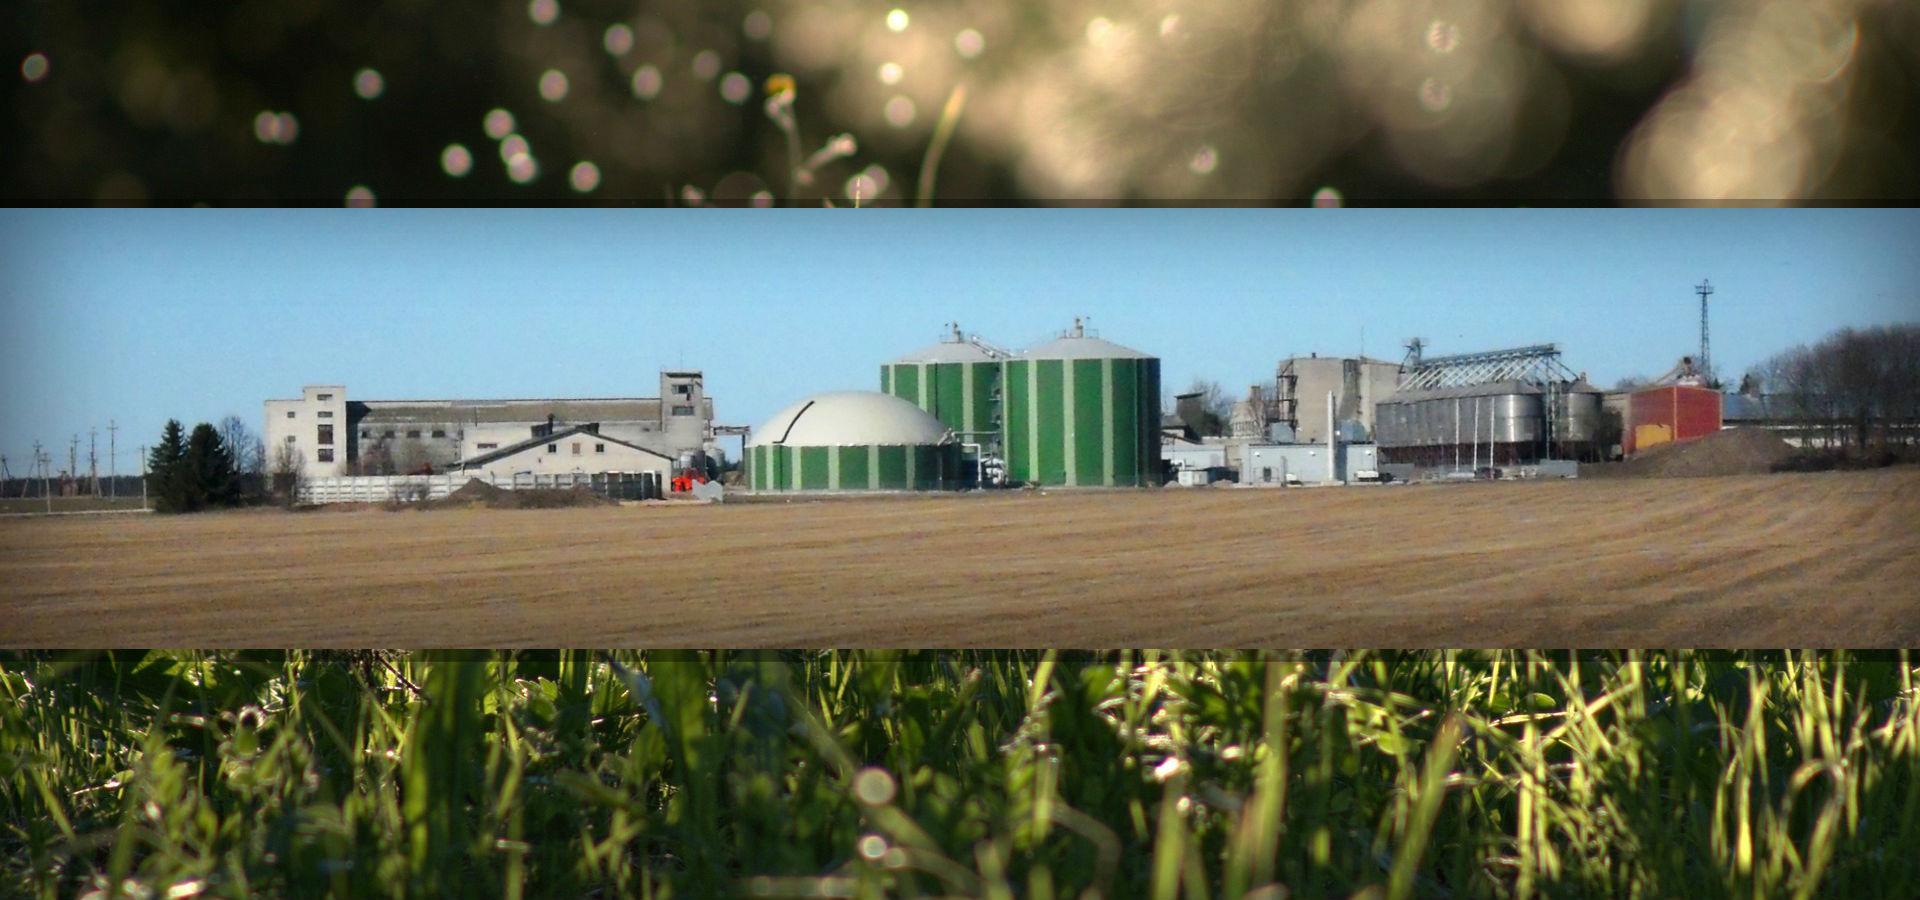 Eestis tegutsevad ühtekokku 17 biogaasijaama, neist